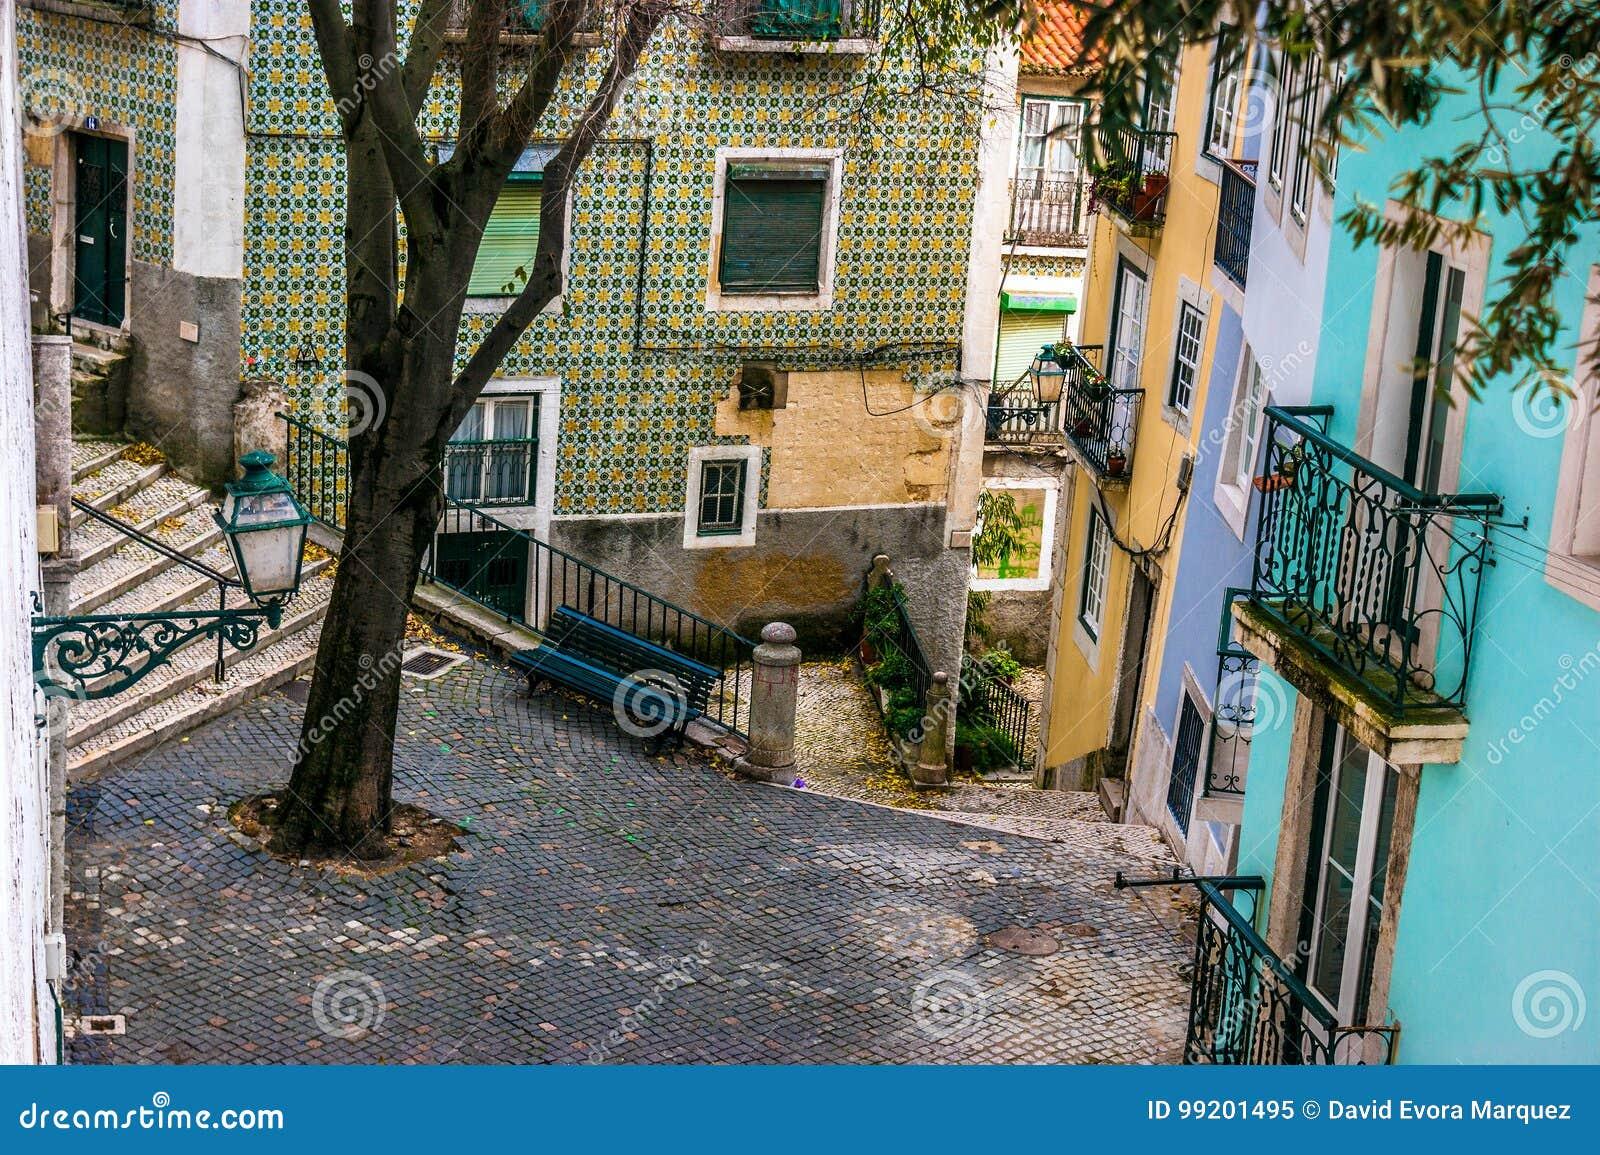 Street in the old neighborhood of Alfama, Lisbon